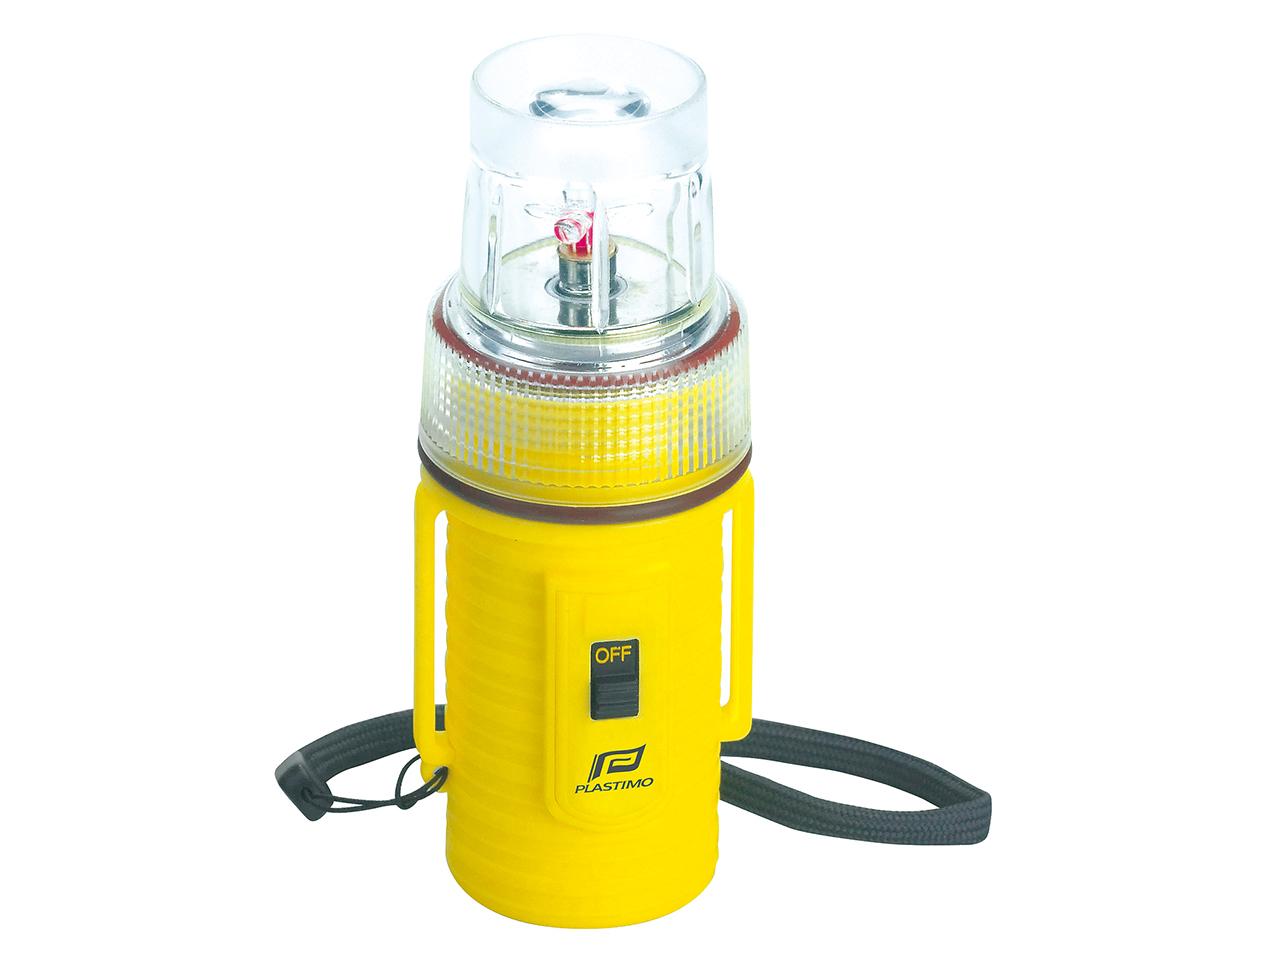 イマージェンシー LED フラッシュライト 68735